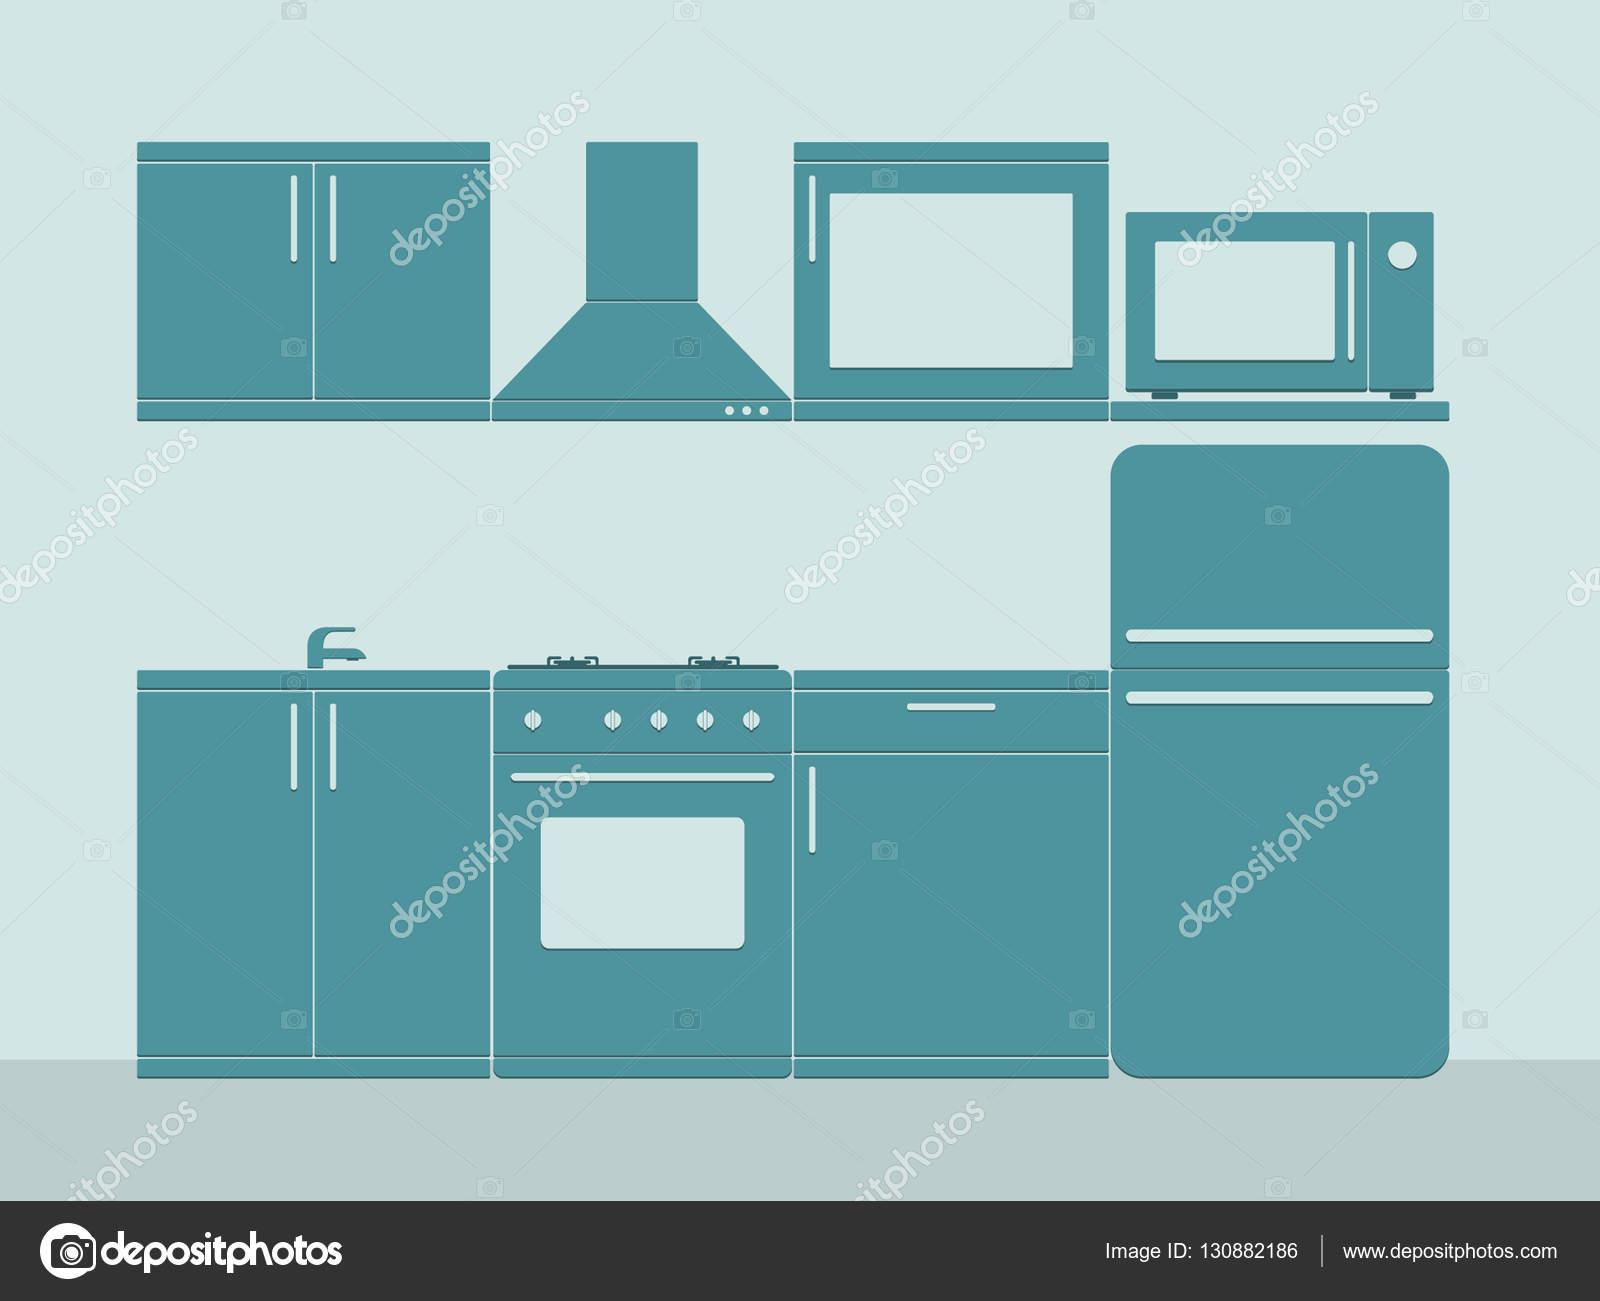 Hervorragend Innenausbau Küche Zimmer In Blau. Flache Vektor Illustration U2014 Stockvektor